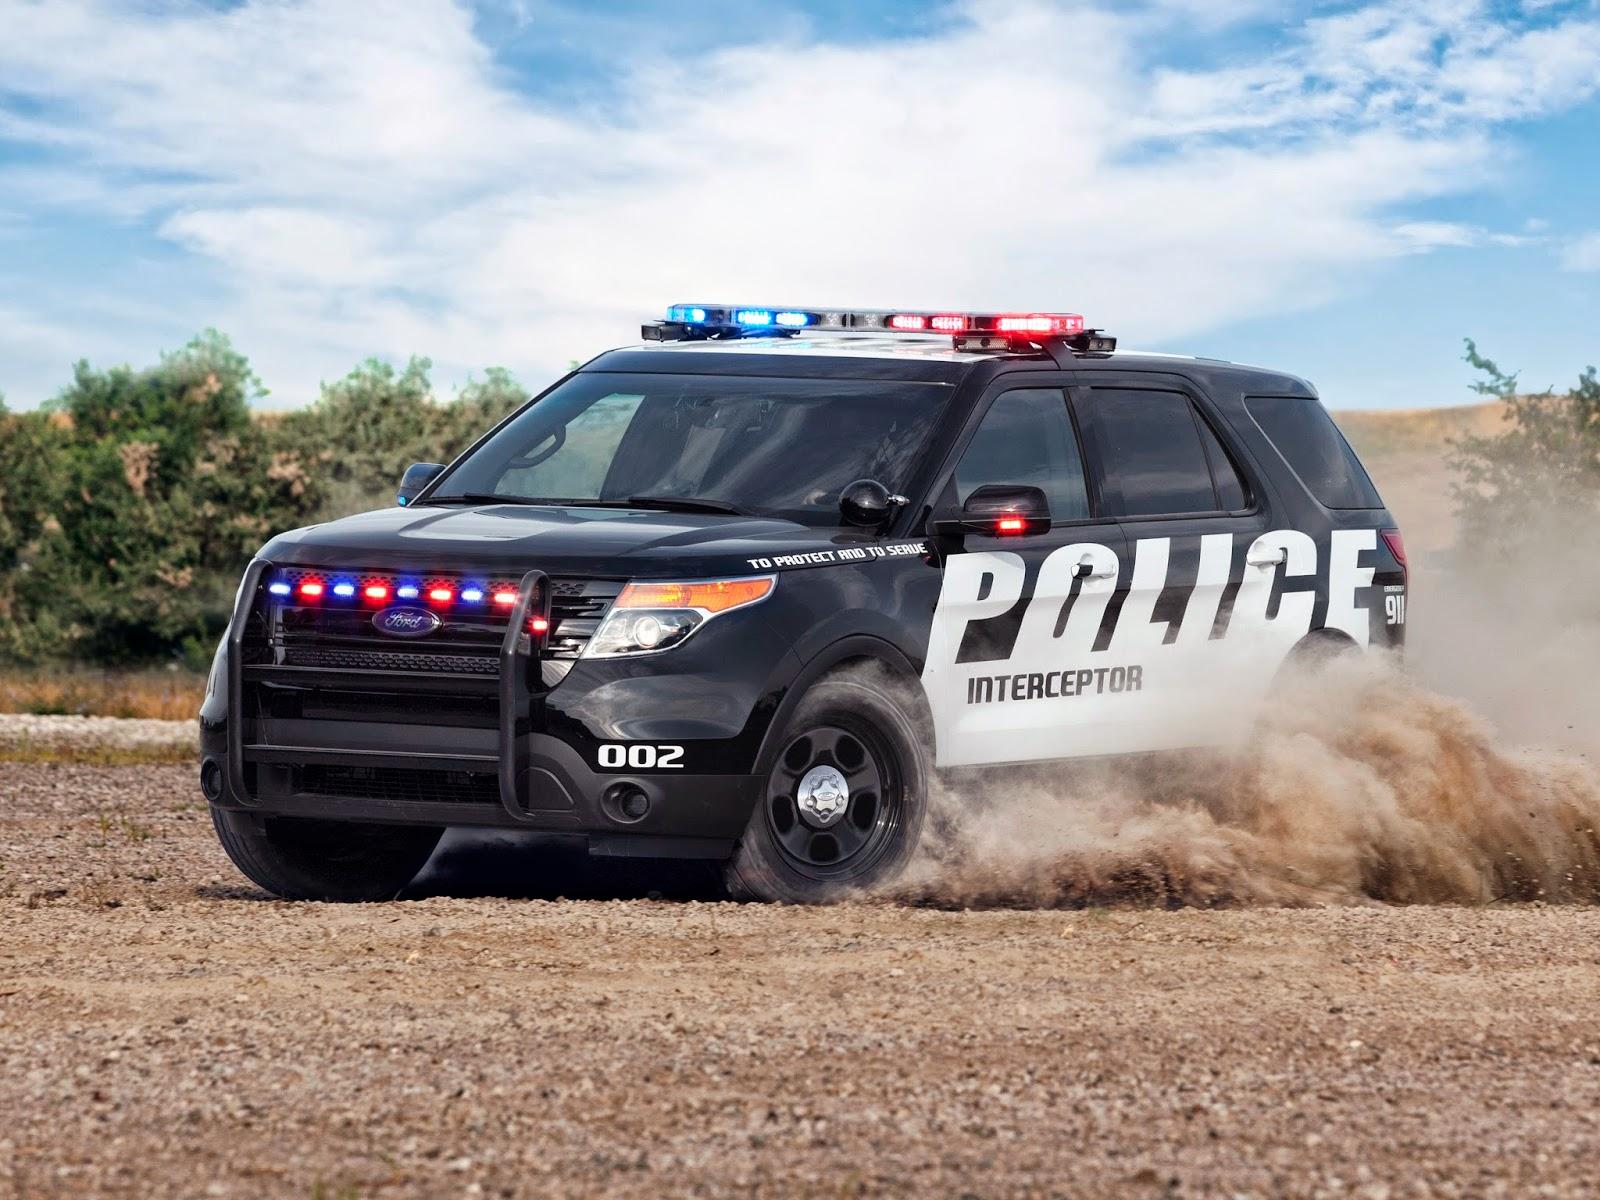 autos am ricaines blog ventes de v hicules de police aux usa ann e 2013. Black Bedroom Furniture Sets. Home Design Ideas